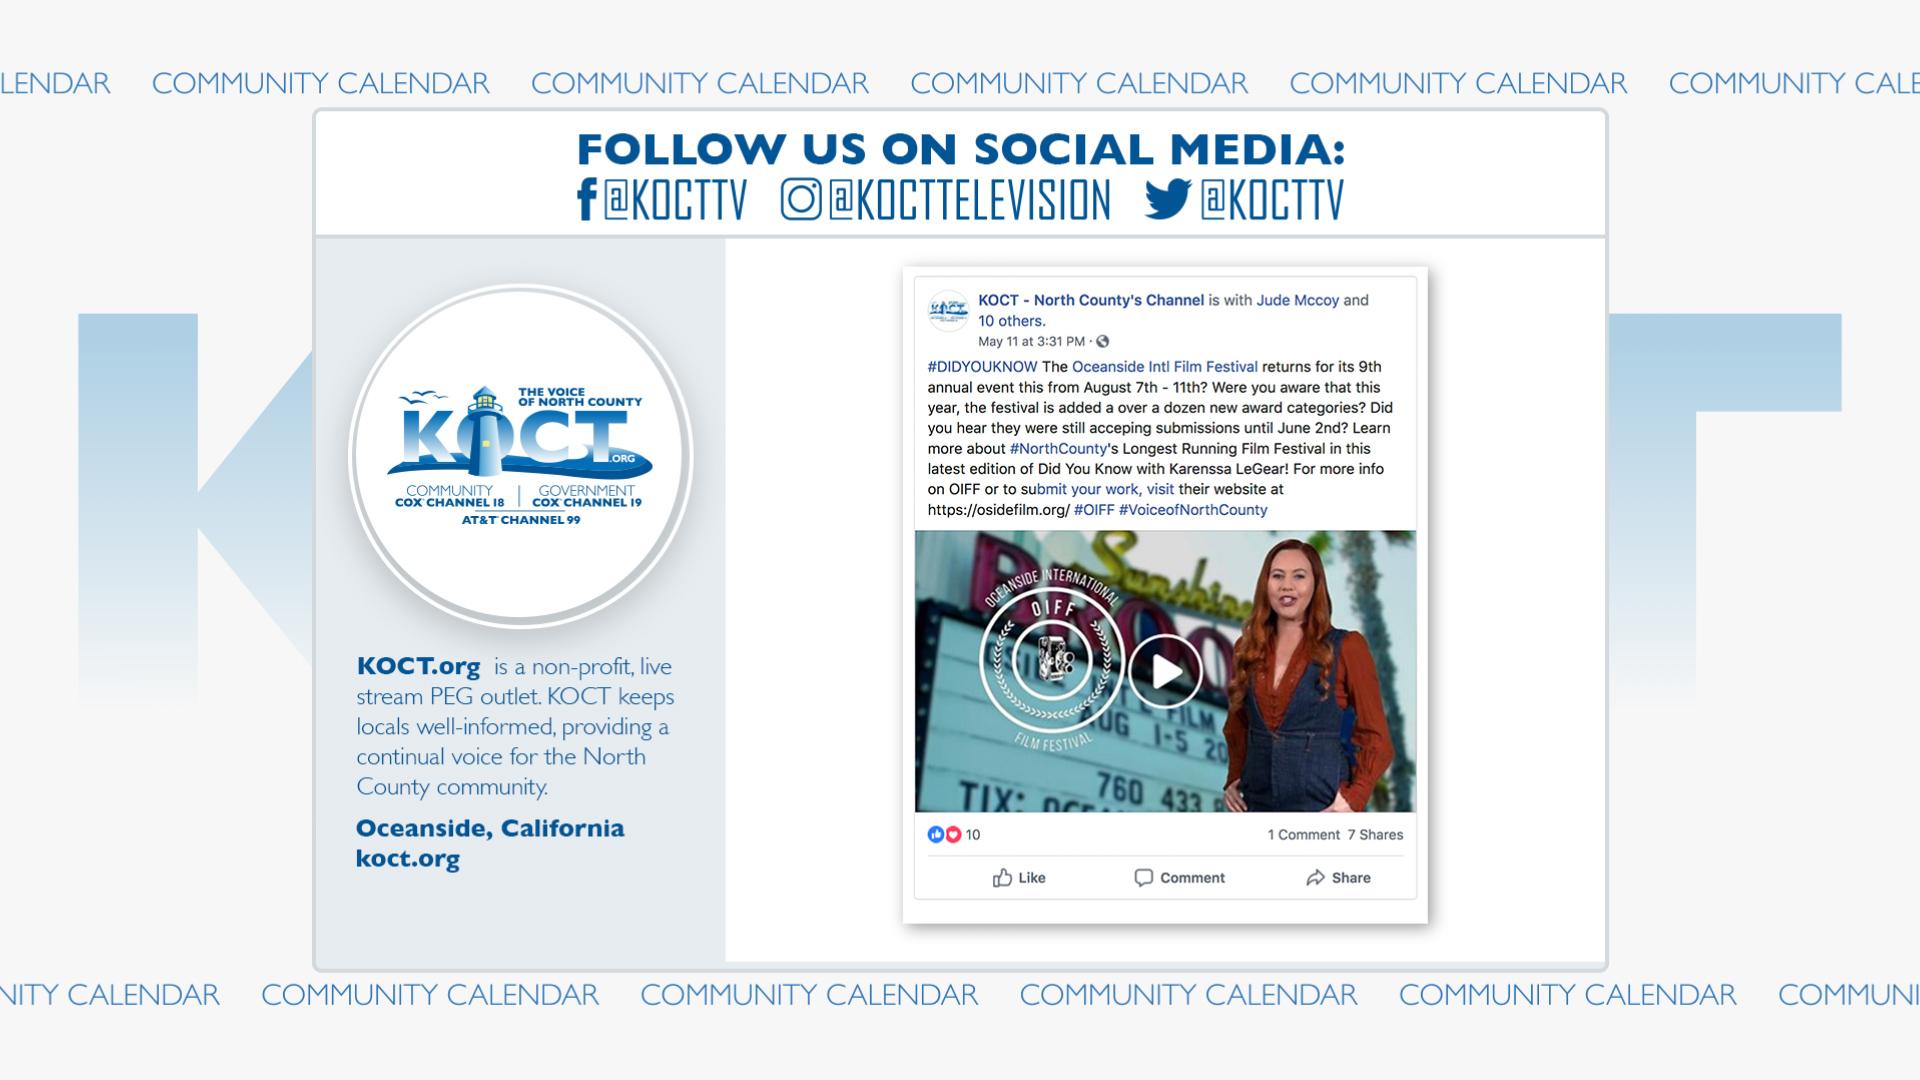 ComCal_KOCT_SocialMedia.jpg